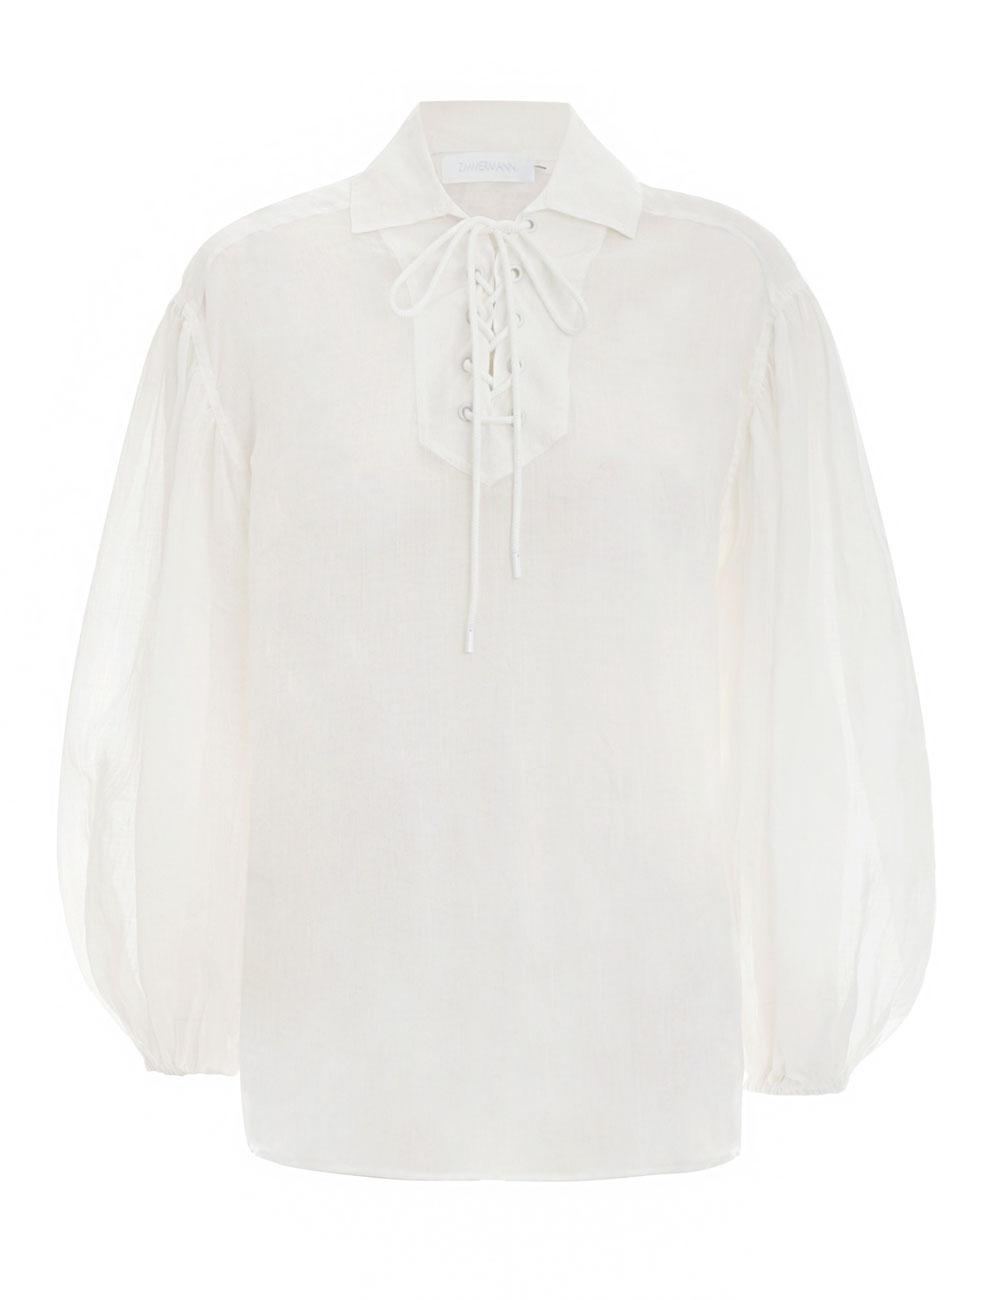 Bonita Lace Up Shirt